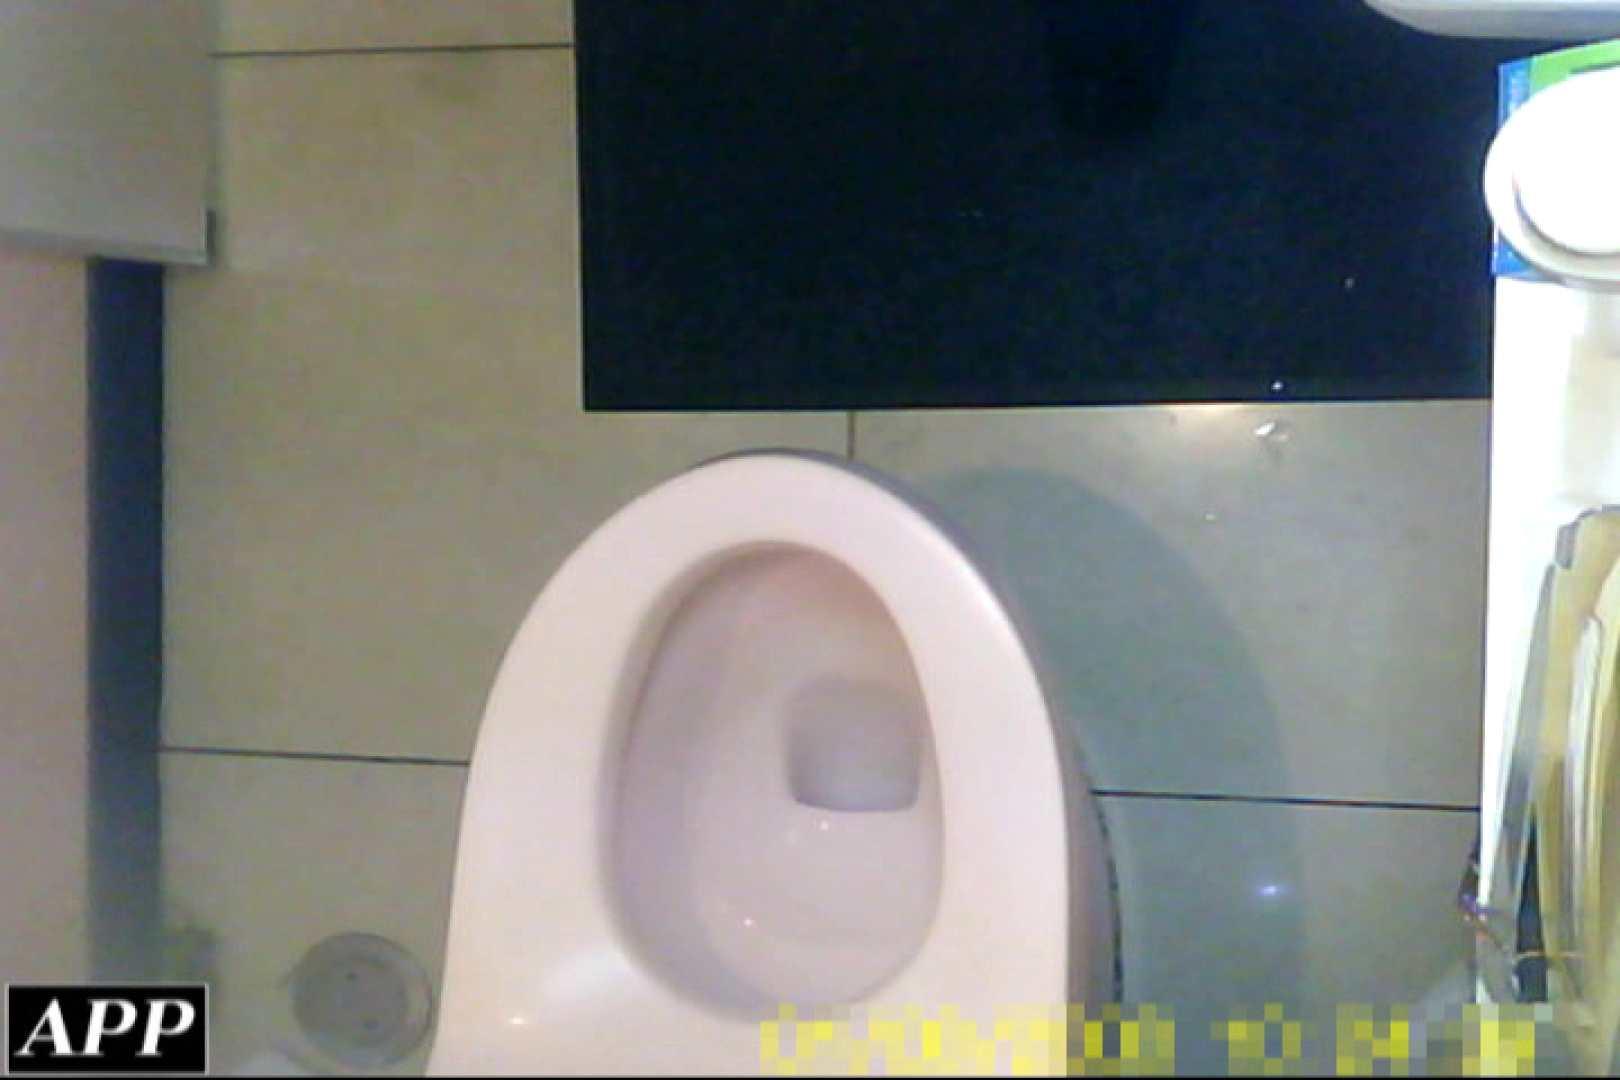 3視点洗面所 vol.22 オマンコ大好き エロ無料画像 75画像 19